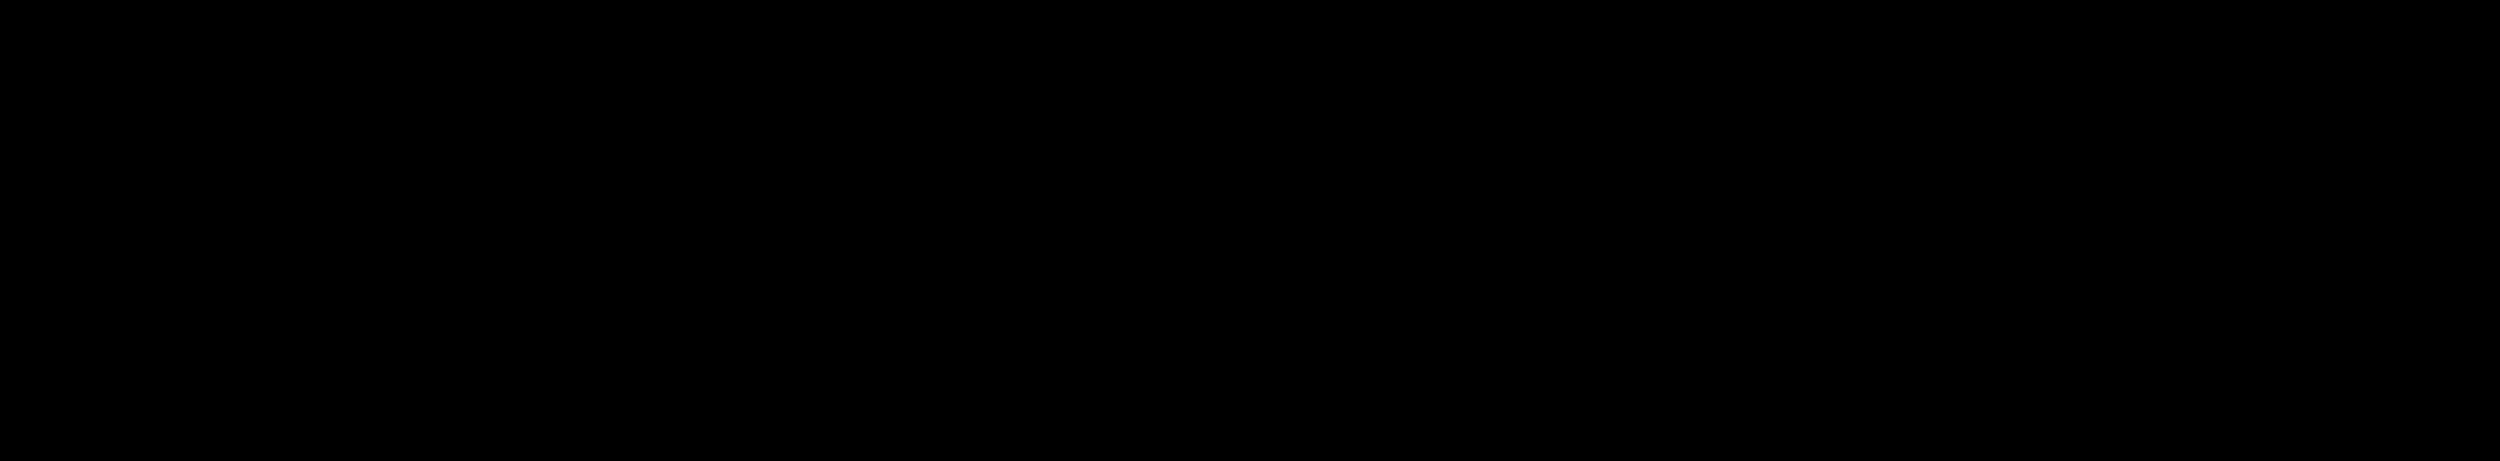 dyfit-logomarks_1 LINE + TAG LINE BLACK.png